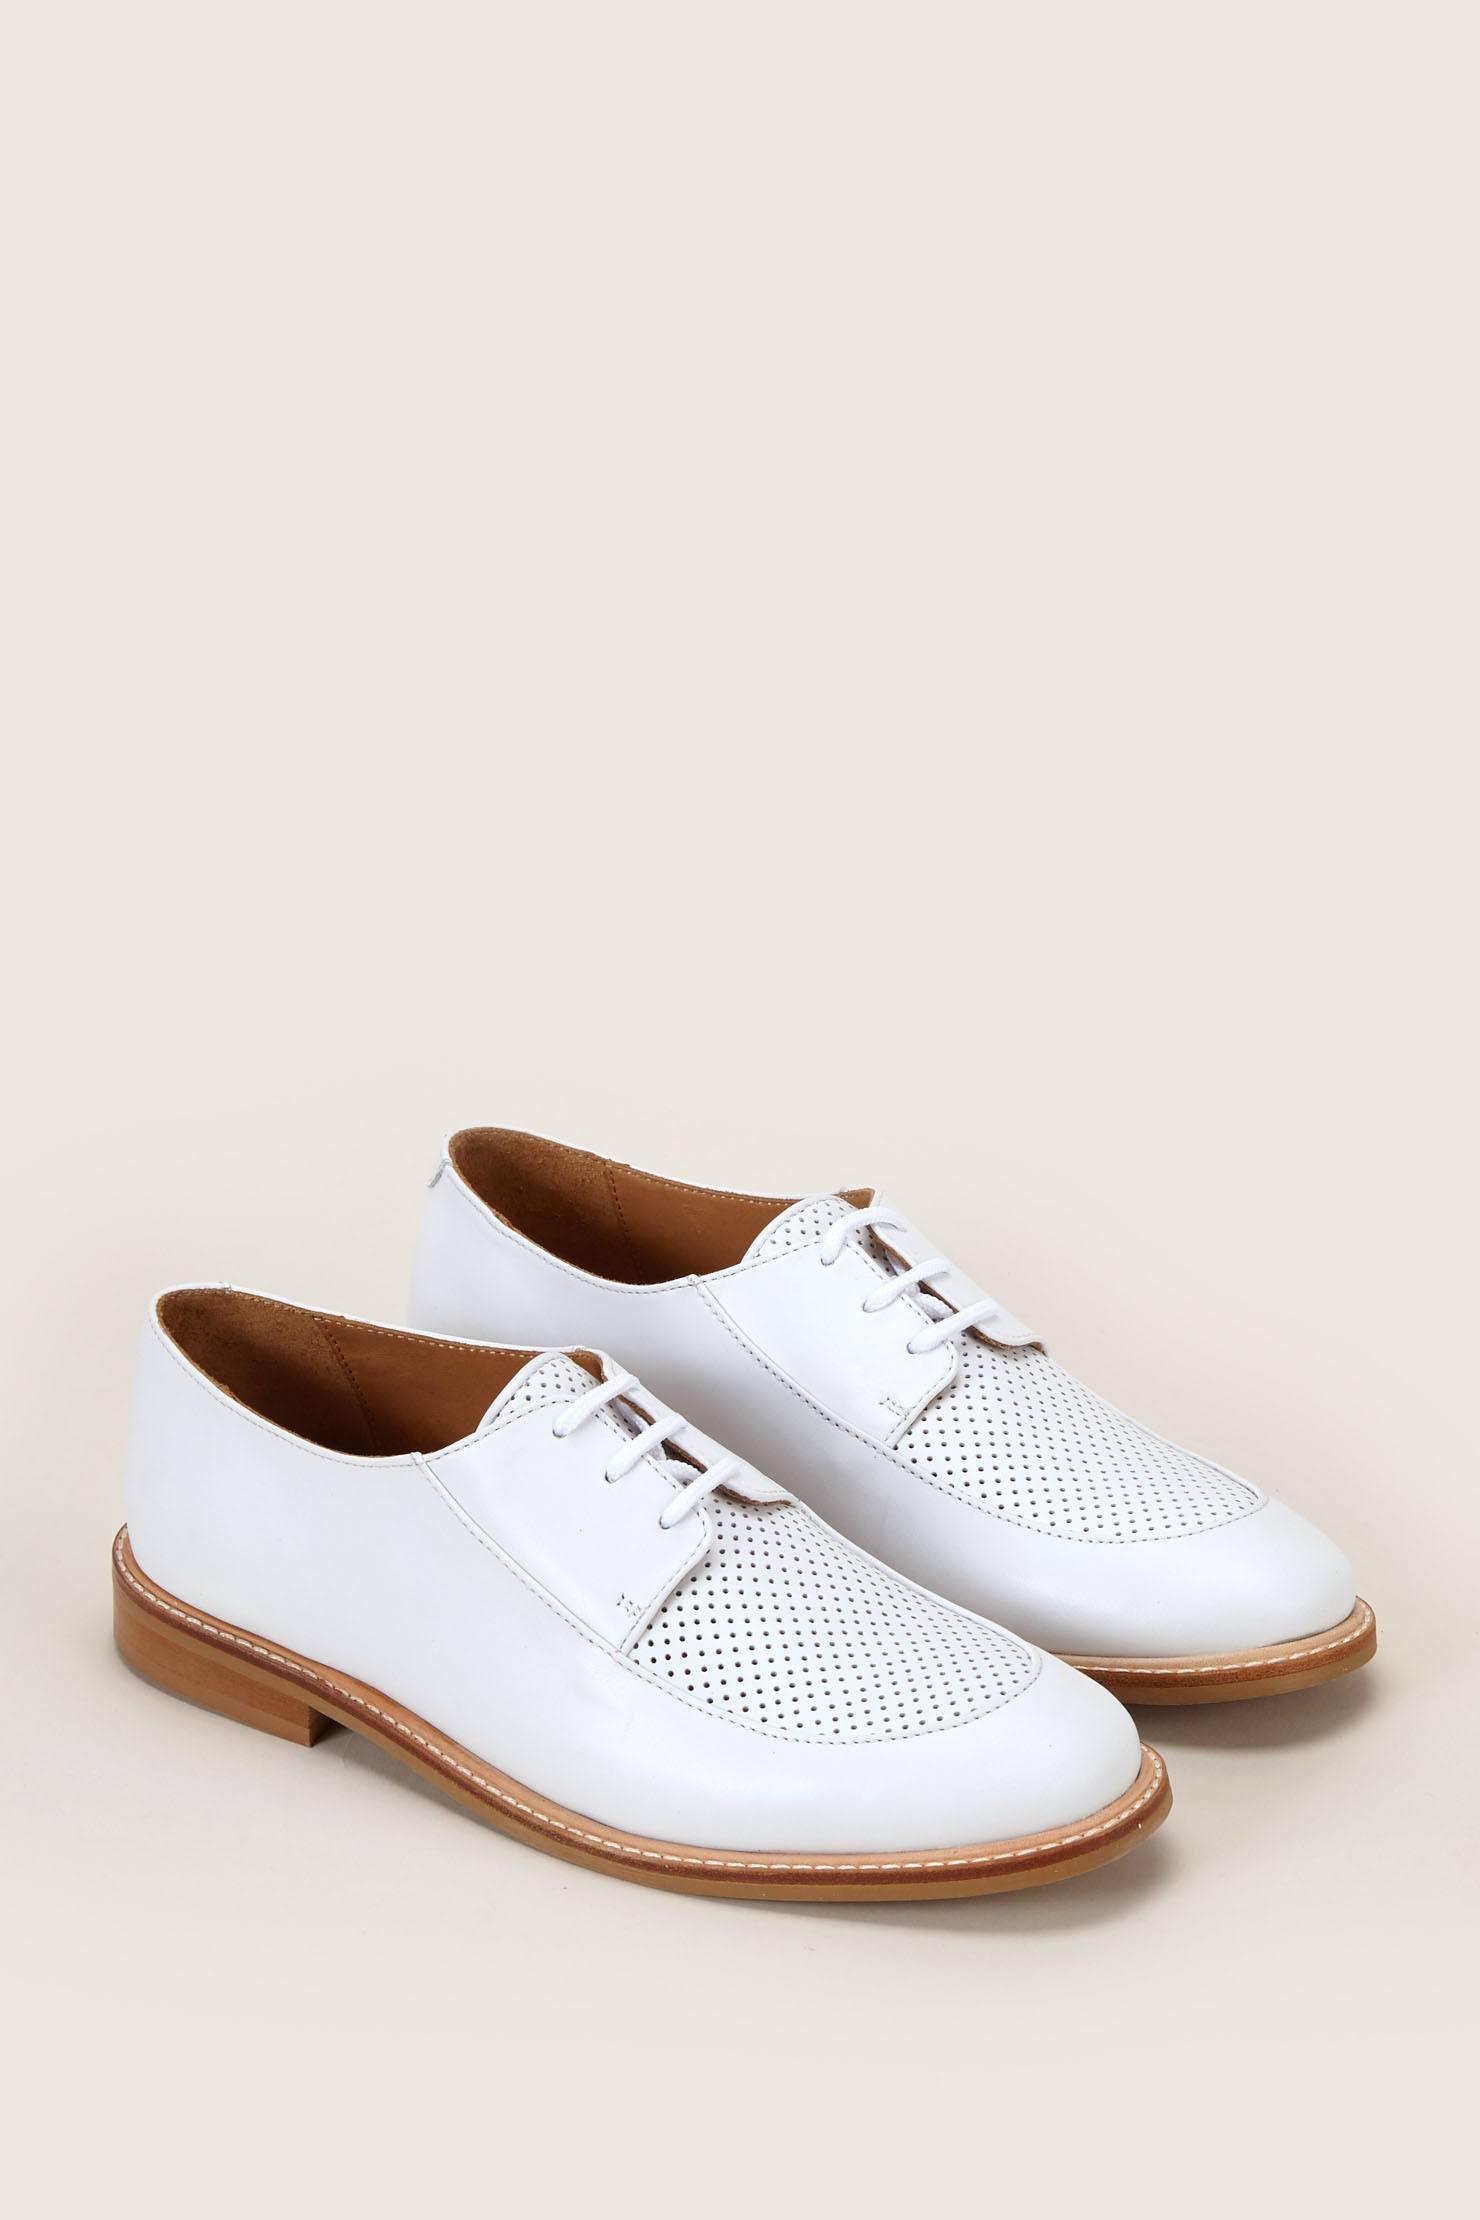 son pour mariage jolies plates trouver Ou chaussures de m0OvnwyN8